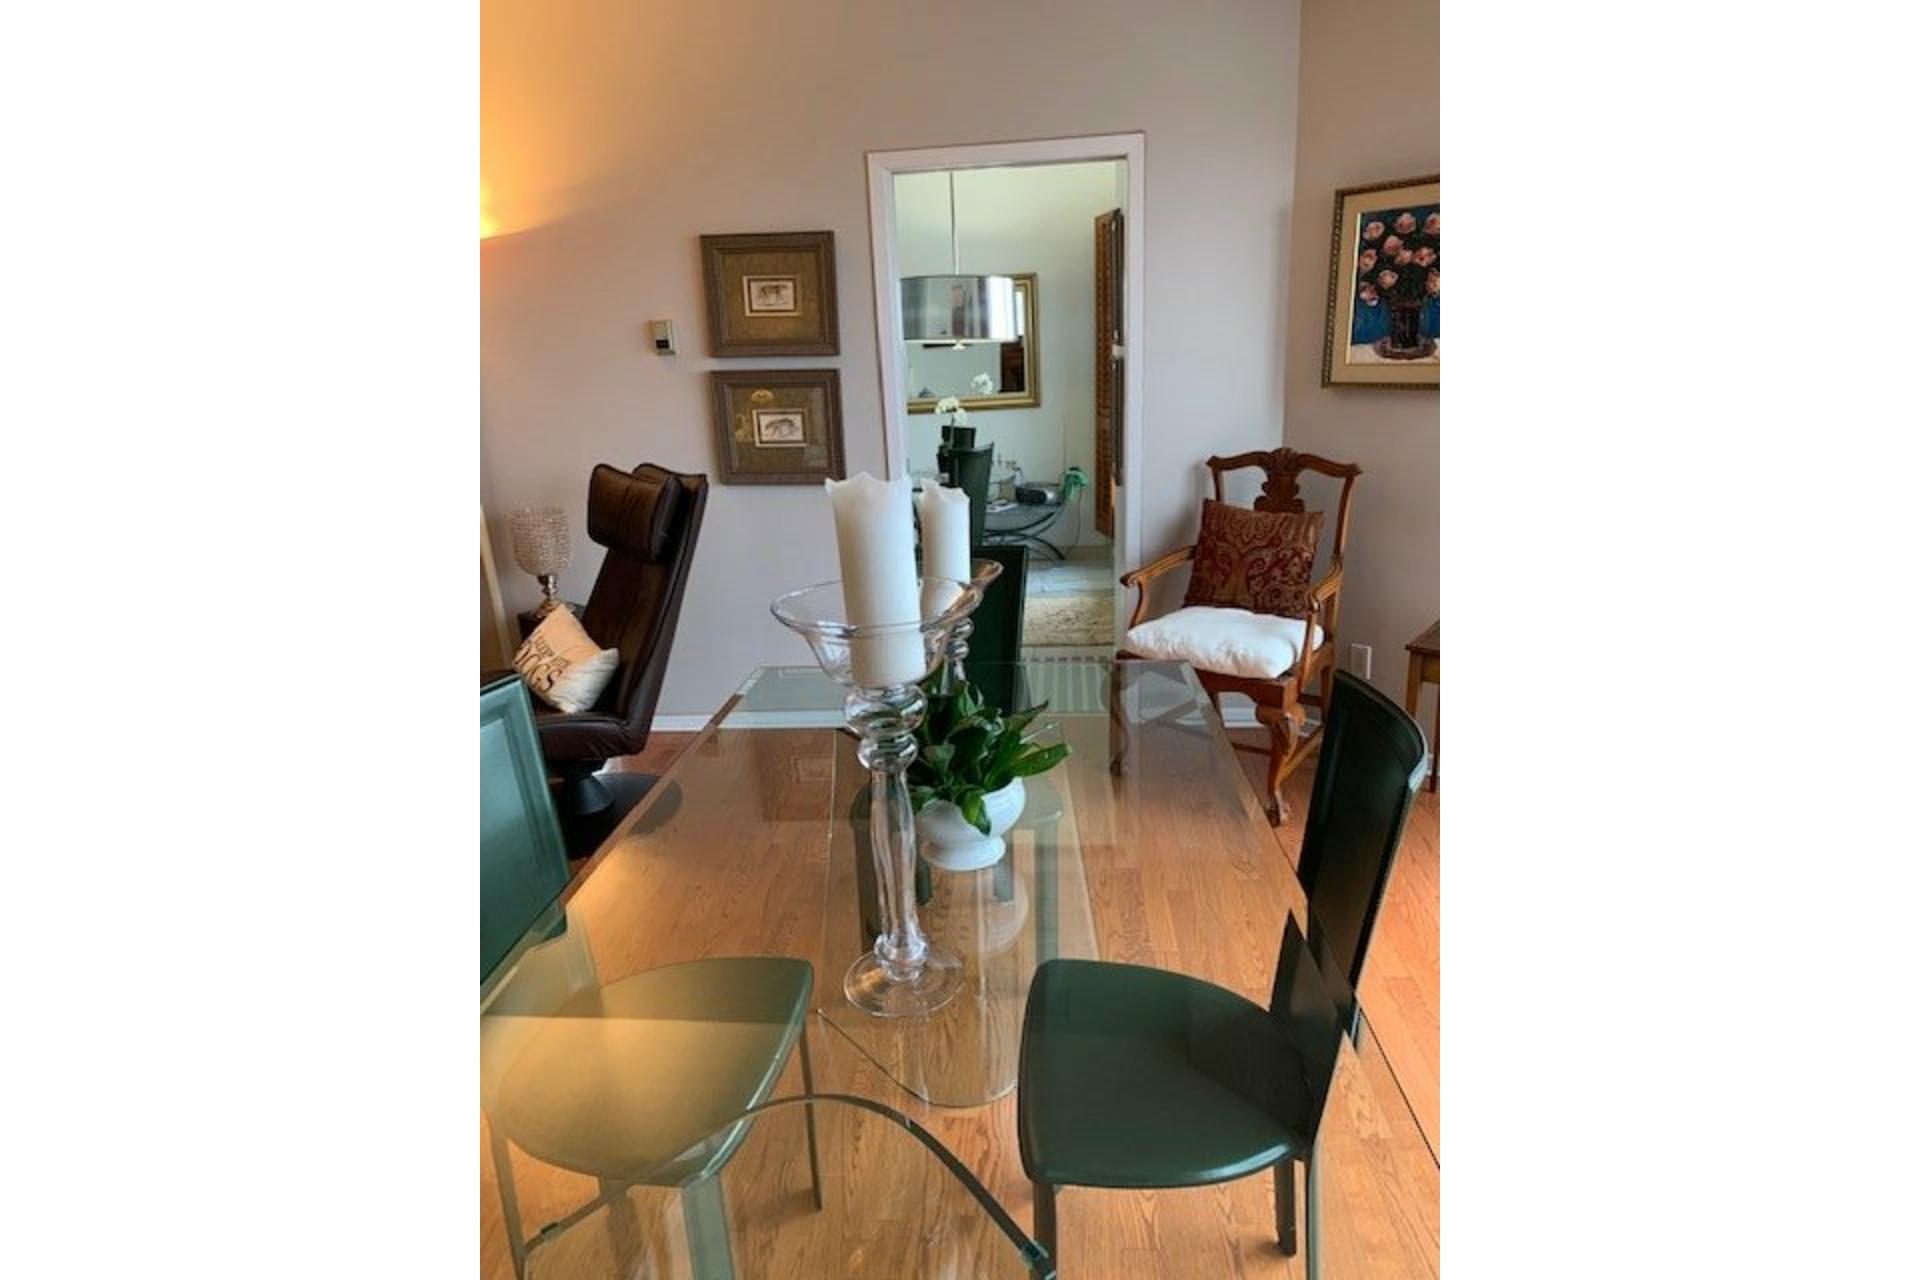 image 15 - Apartment For sale Côte-des-Neiges/Notre-Dame-de-Grâce Montréal  - 5 rooms